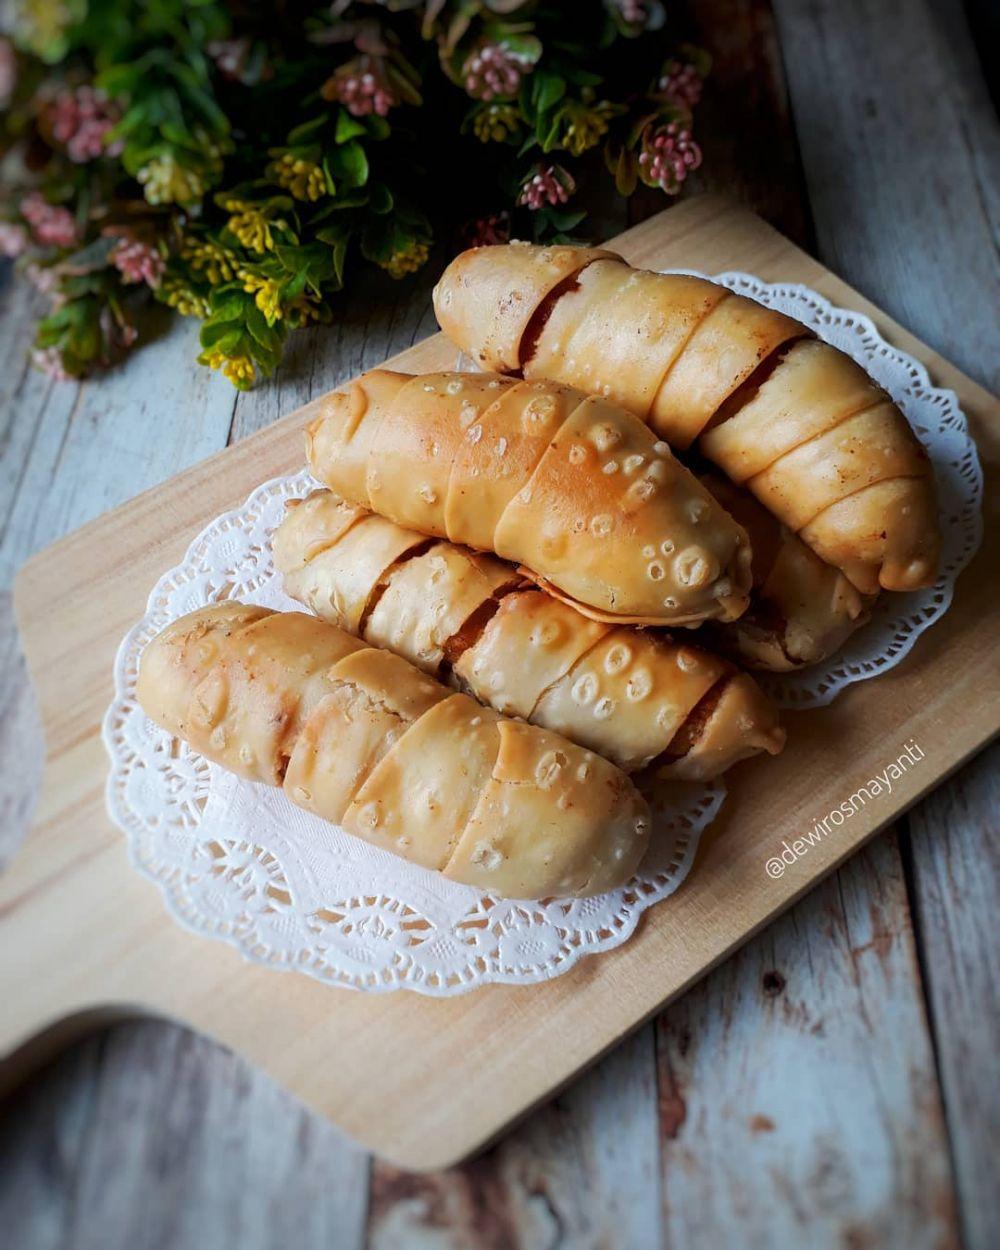 Resep gorengan sajian Lebaran © Instagram